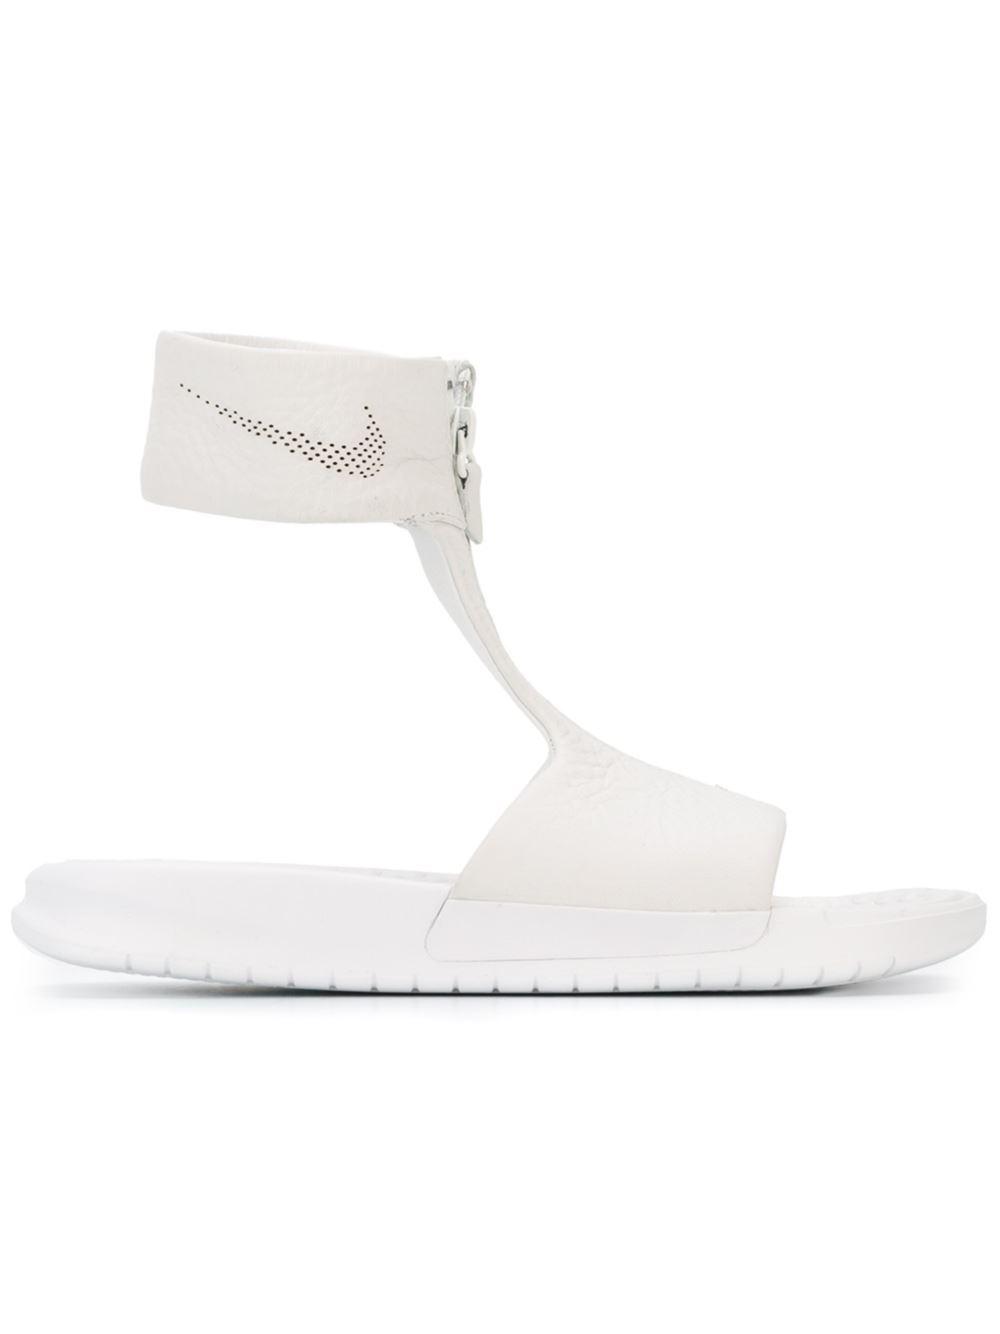 1000x1334 Nike